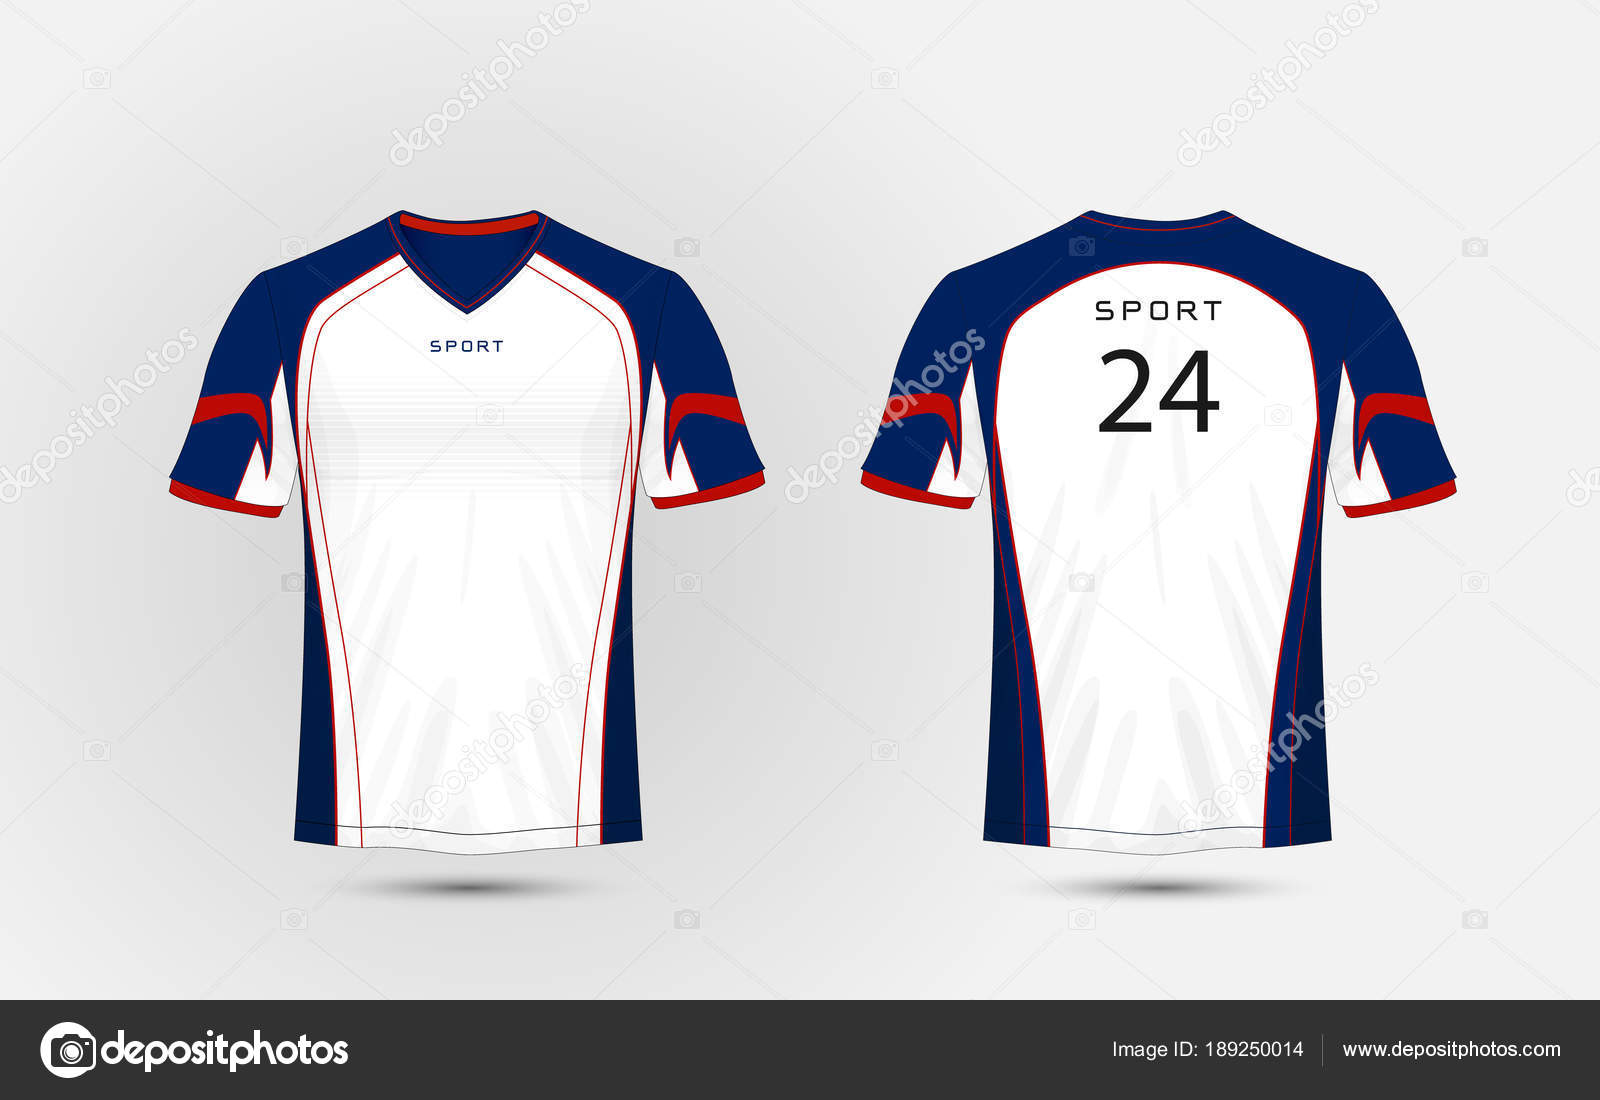 kits de fútbol deporte blanco, azul y rojo, jersey, plantilla de ...